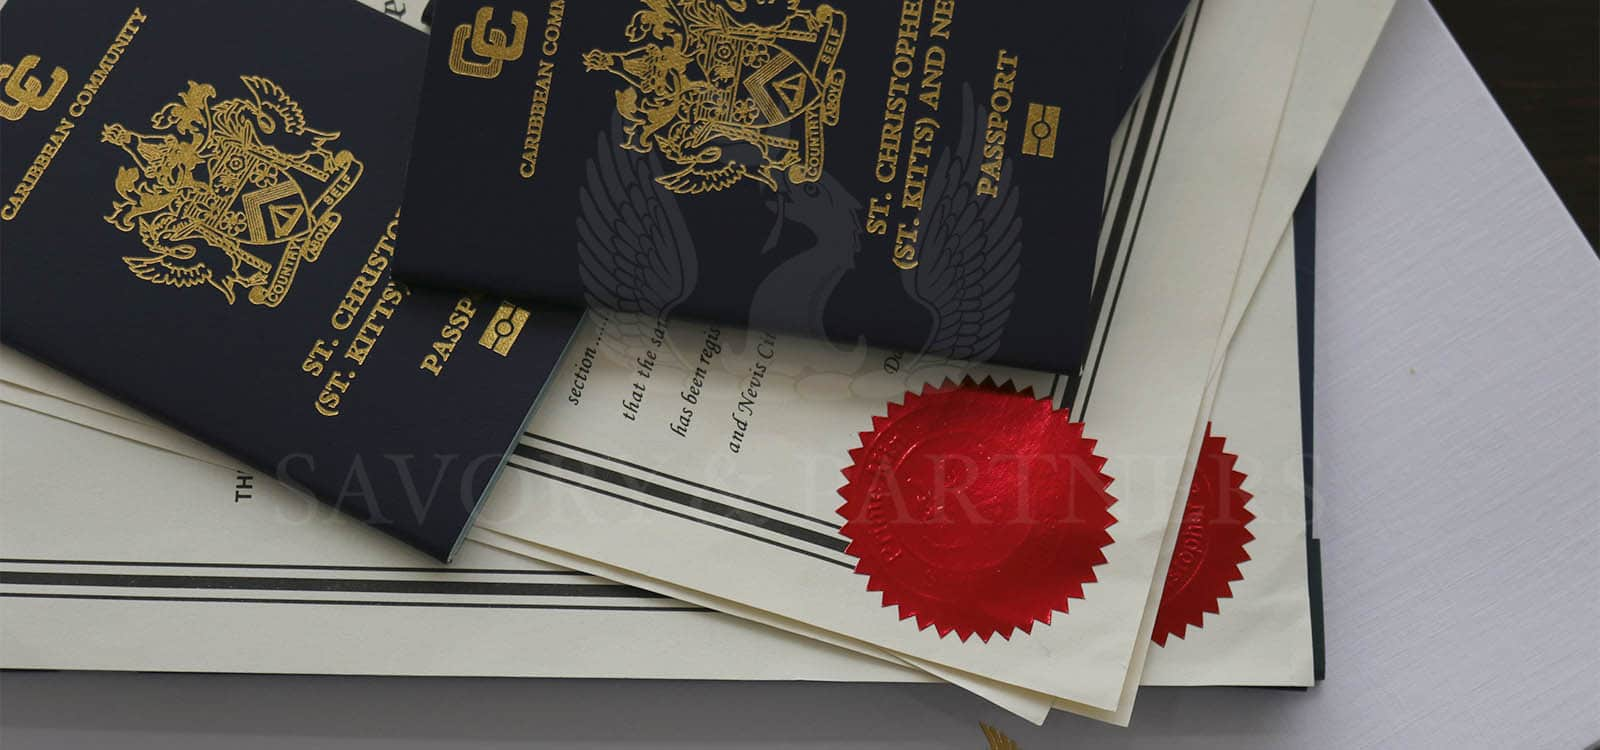 St Kitts & Nevis passports - Savory & Partners offices in Dubai.